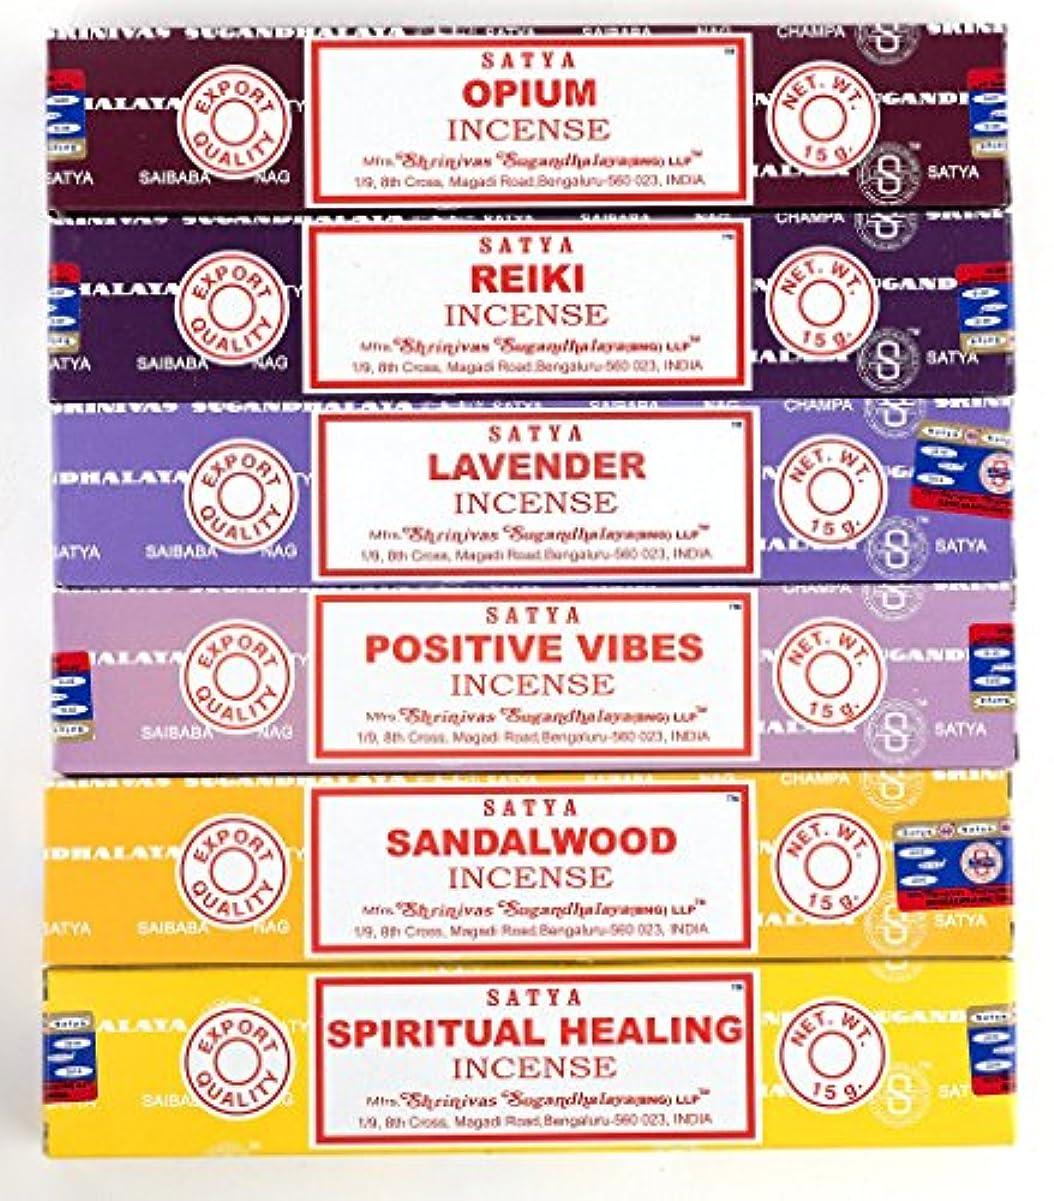 音冷えるランデブーNag Champa 6 Piece Variety Pack – Opium、レイキ、ラベンダー、Positive Vibes、サンダルウッド、Spiritual Healing